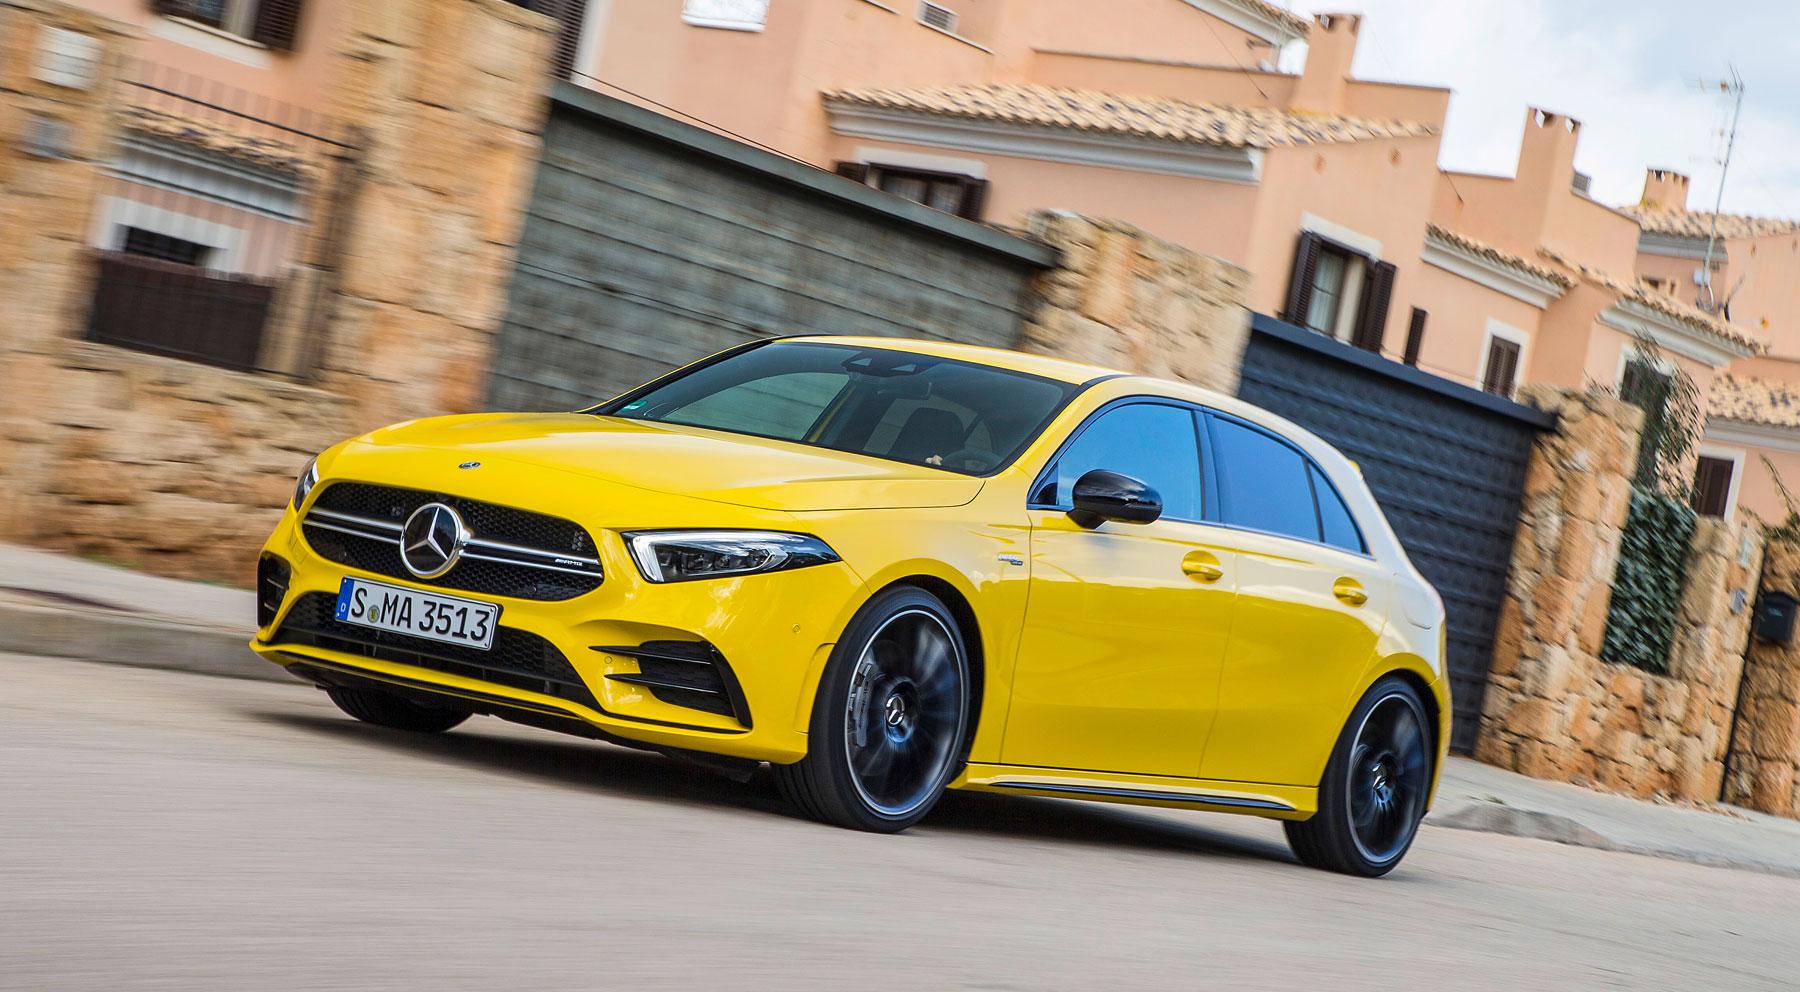 El nuevo Mercedes Clase A 35 AMG, por dentro y por fuera